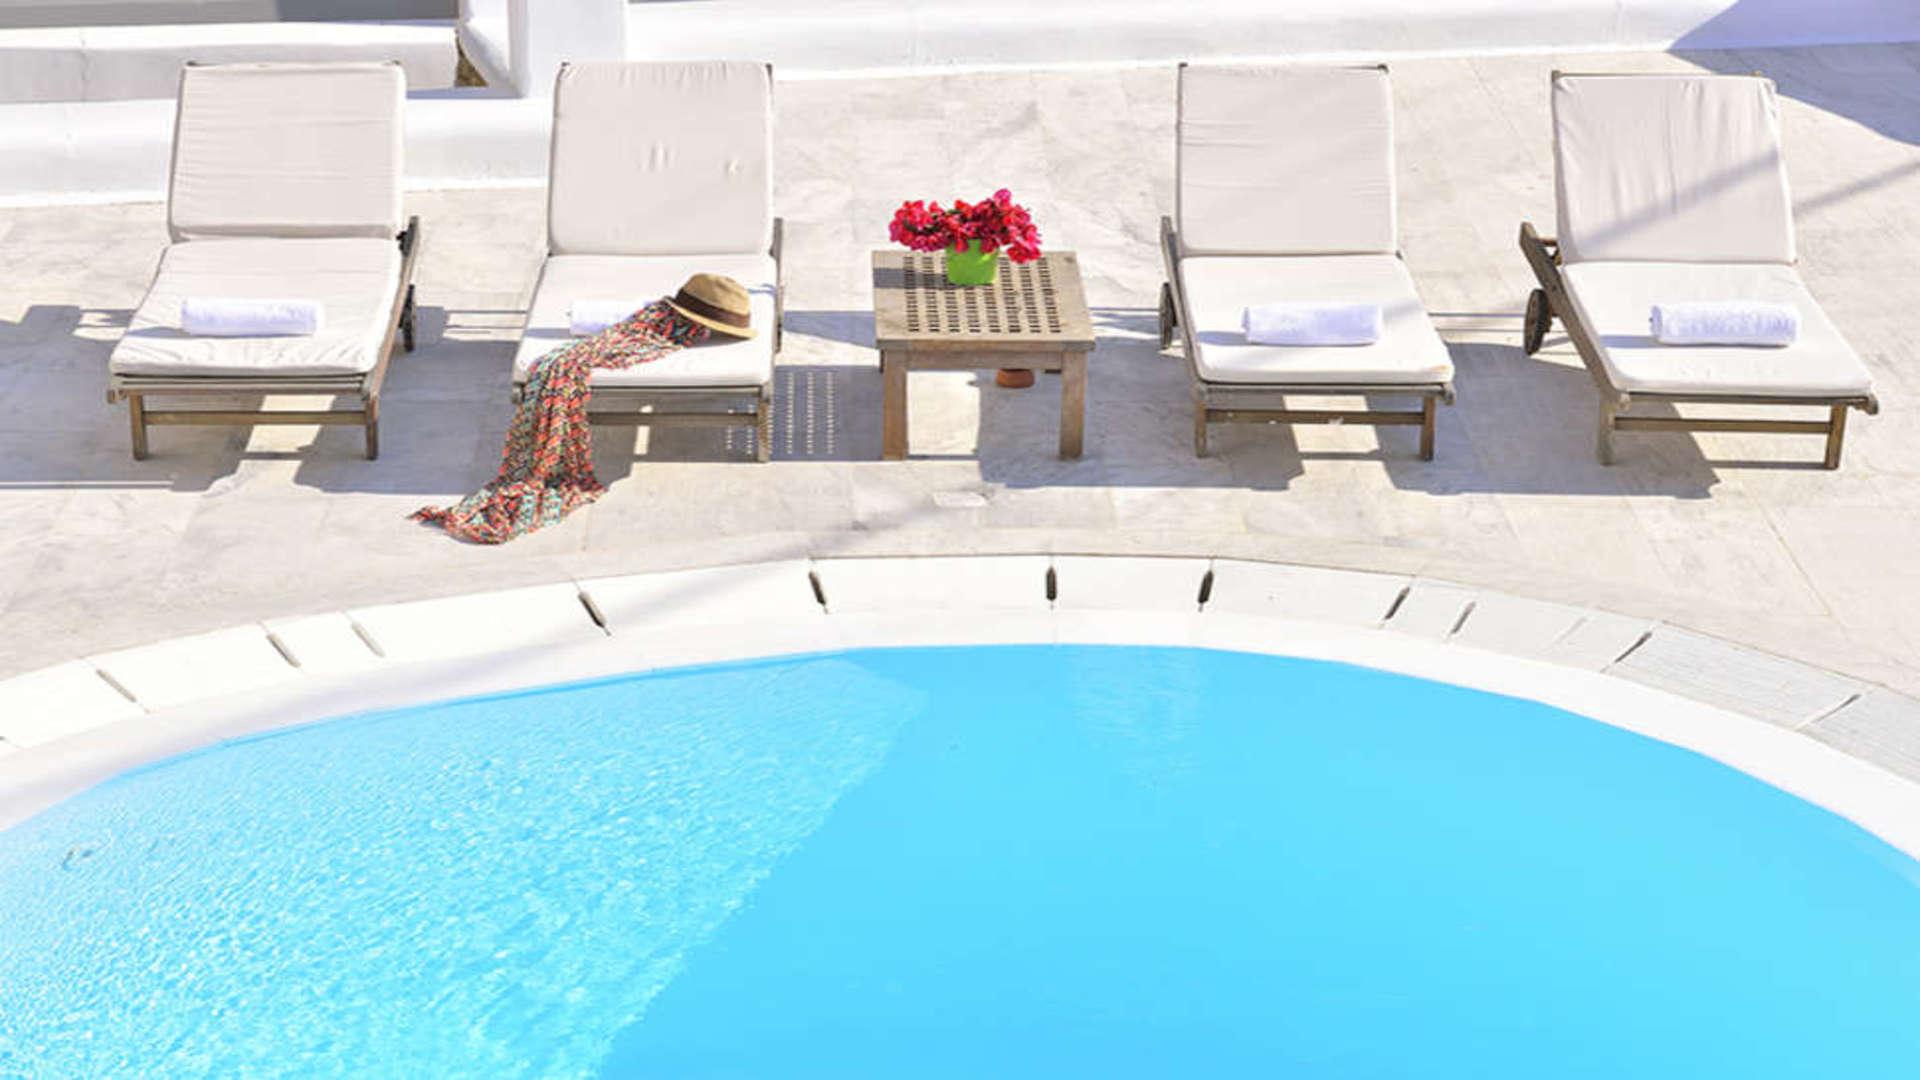 Zwembad en ligstoelen bij Paola's Town Hotel, Mykonos-stad, Mykonos, Griekenland